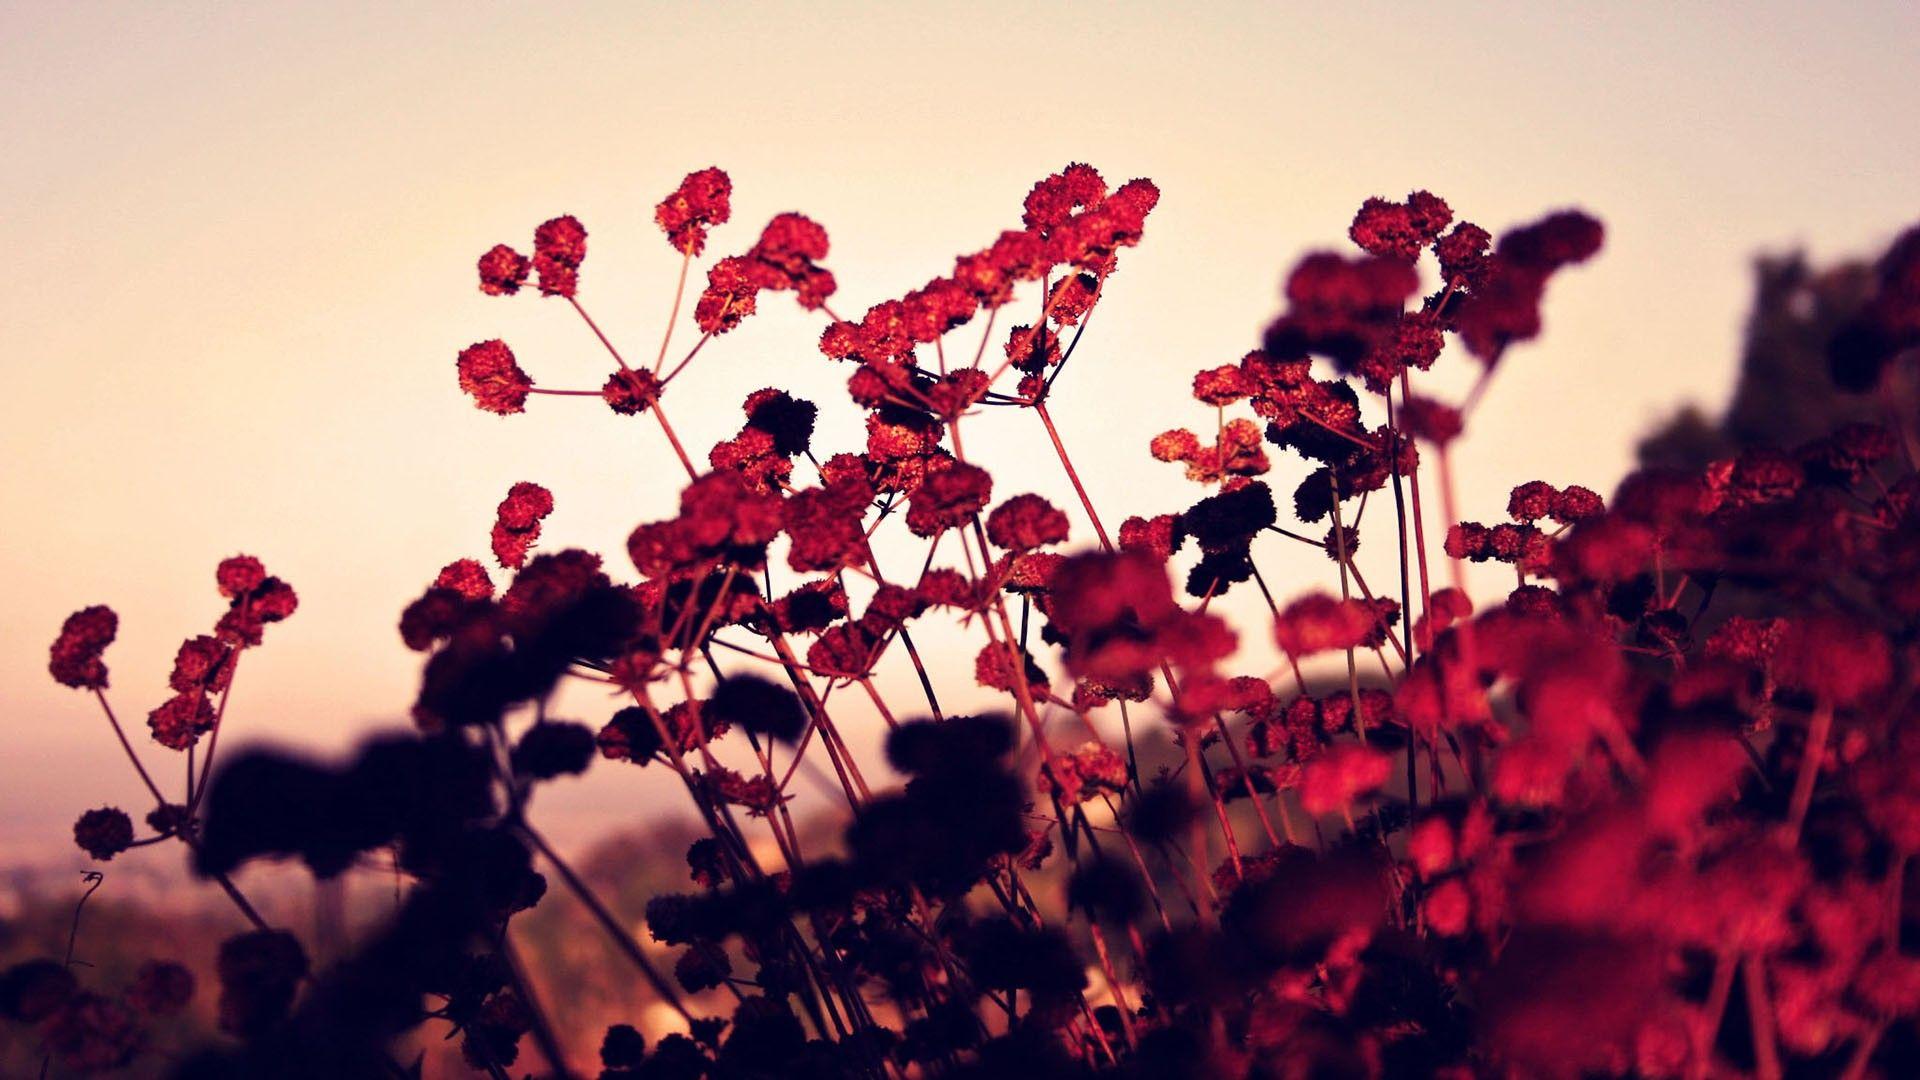 Fondos De Pantalla De Flores Hermosas Para Fondo Celular: Fondos De Pantalla Hd Para Pc Flores